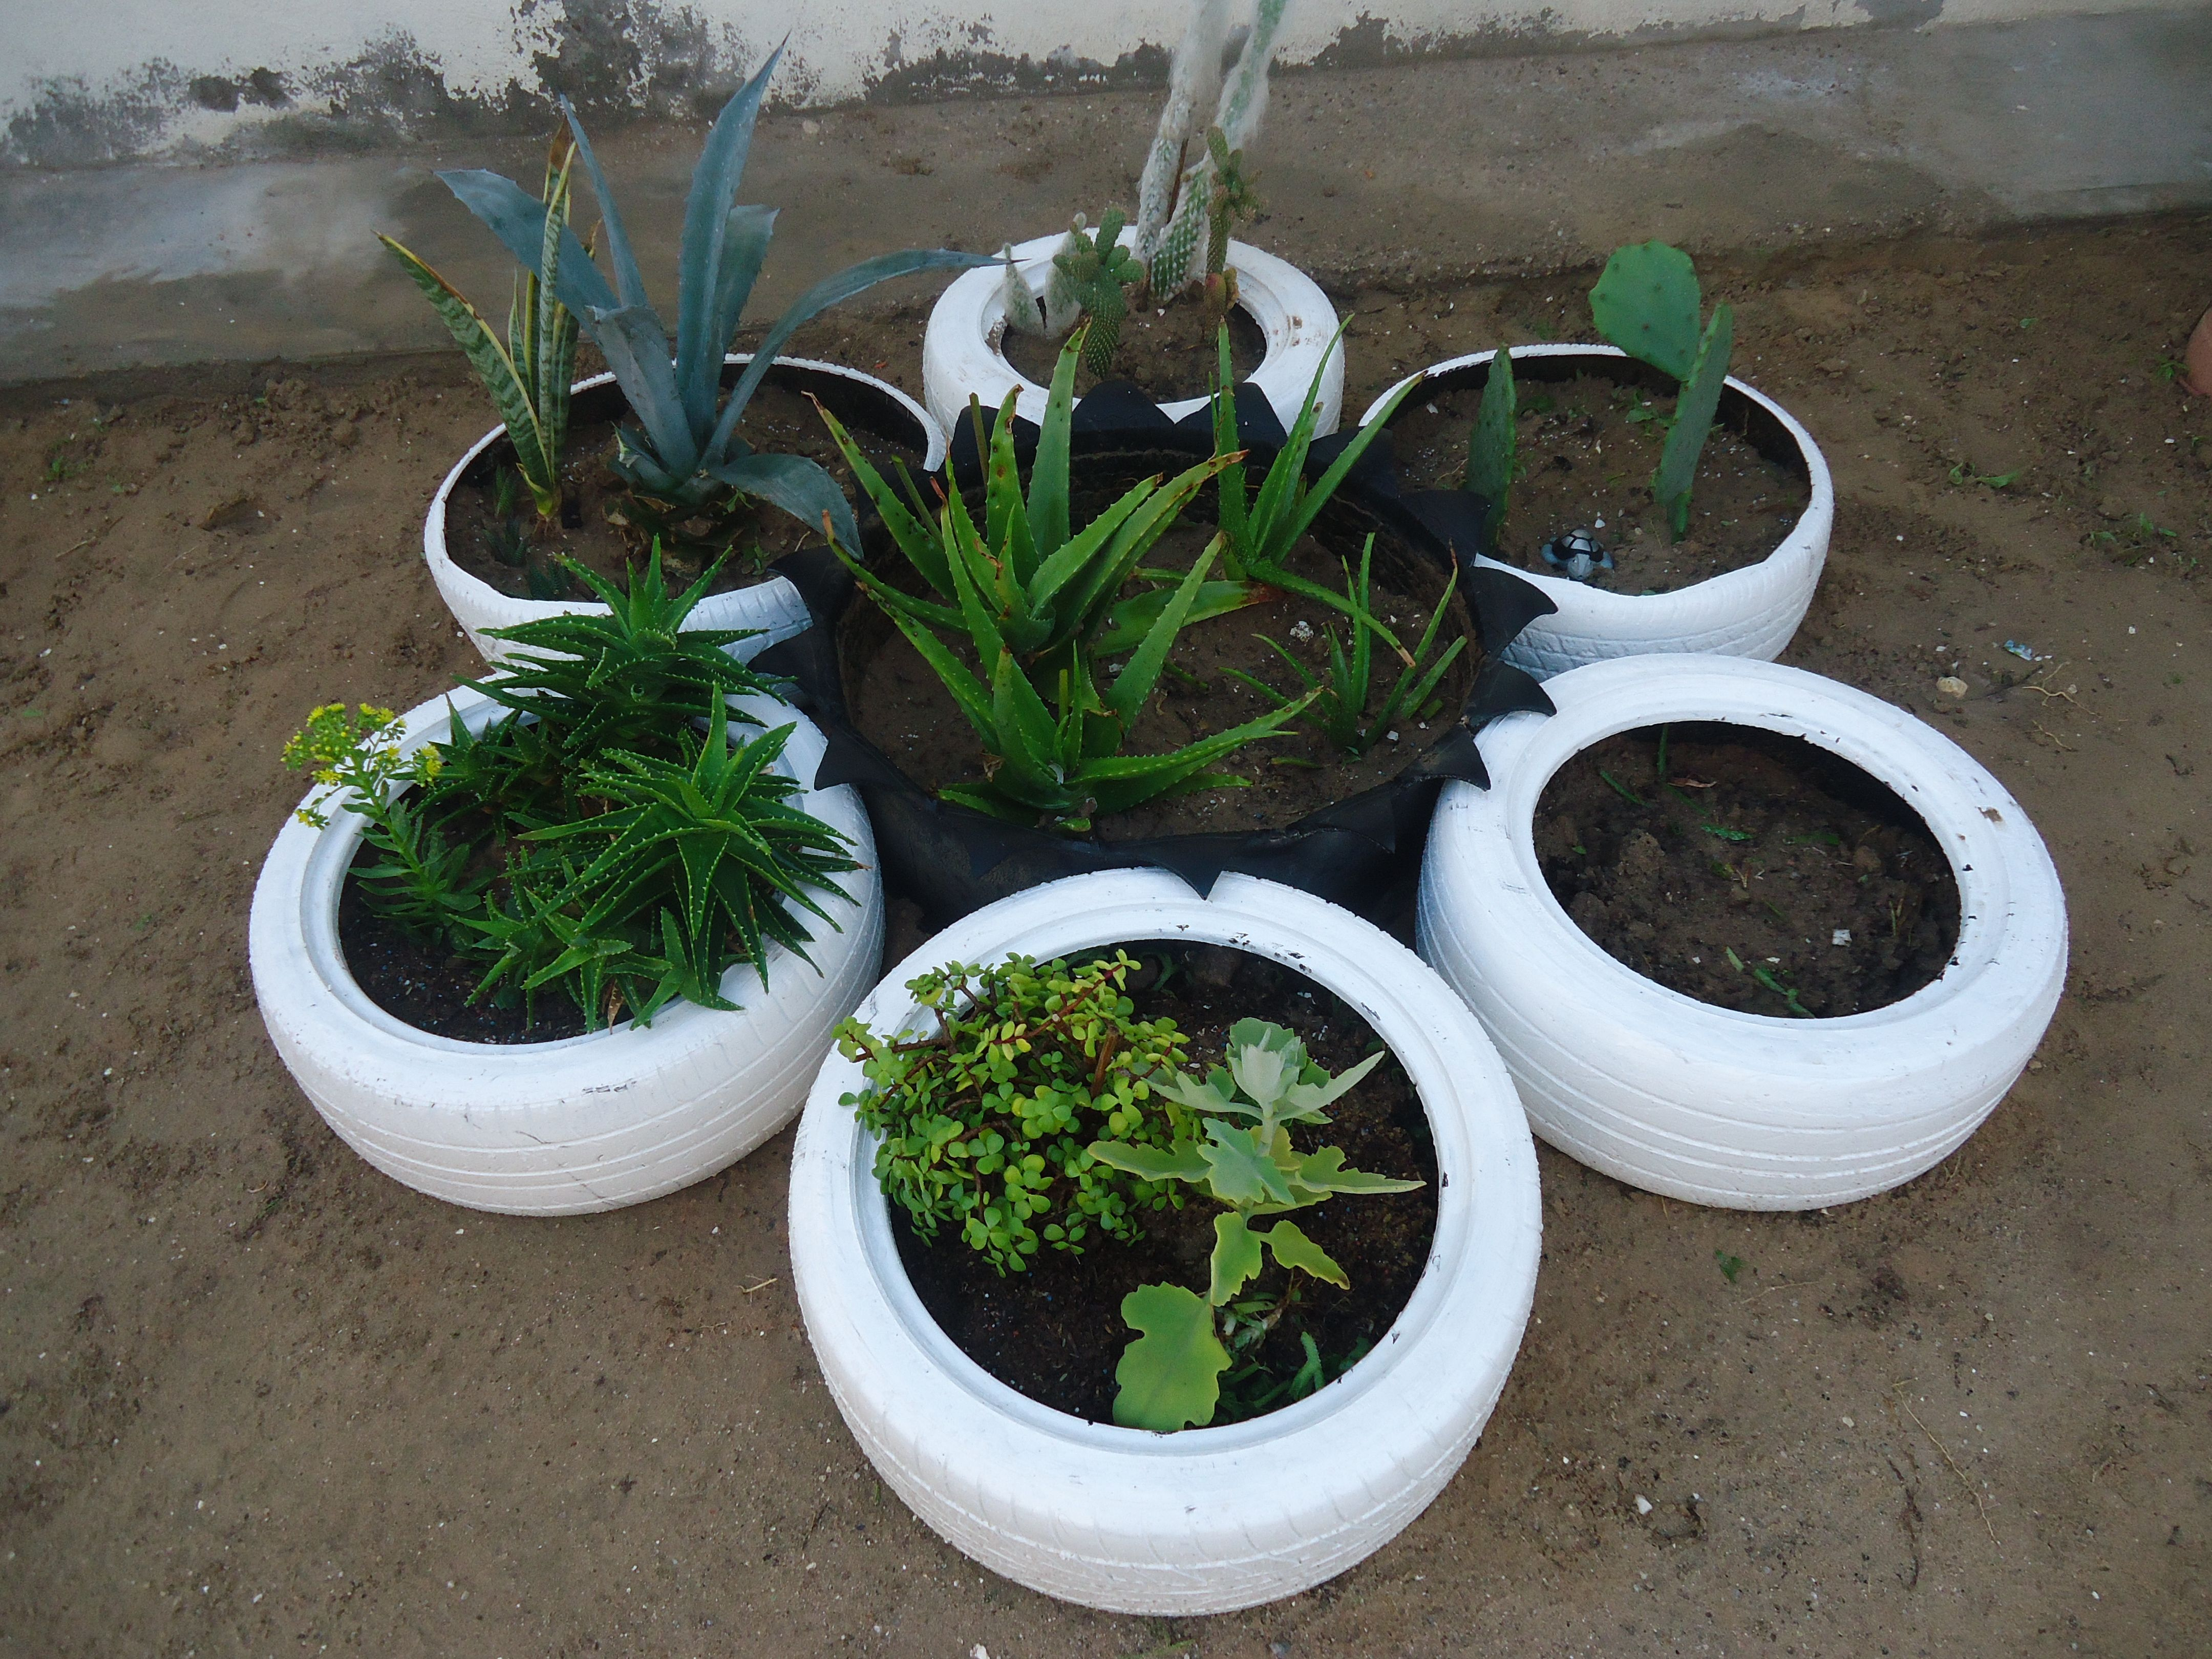 Una tarde de domingo diferente, con llantas y plantas endémicas, vivimos en pleno desierto, hay que cuidar el agua.